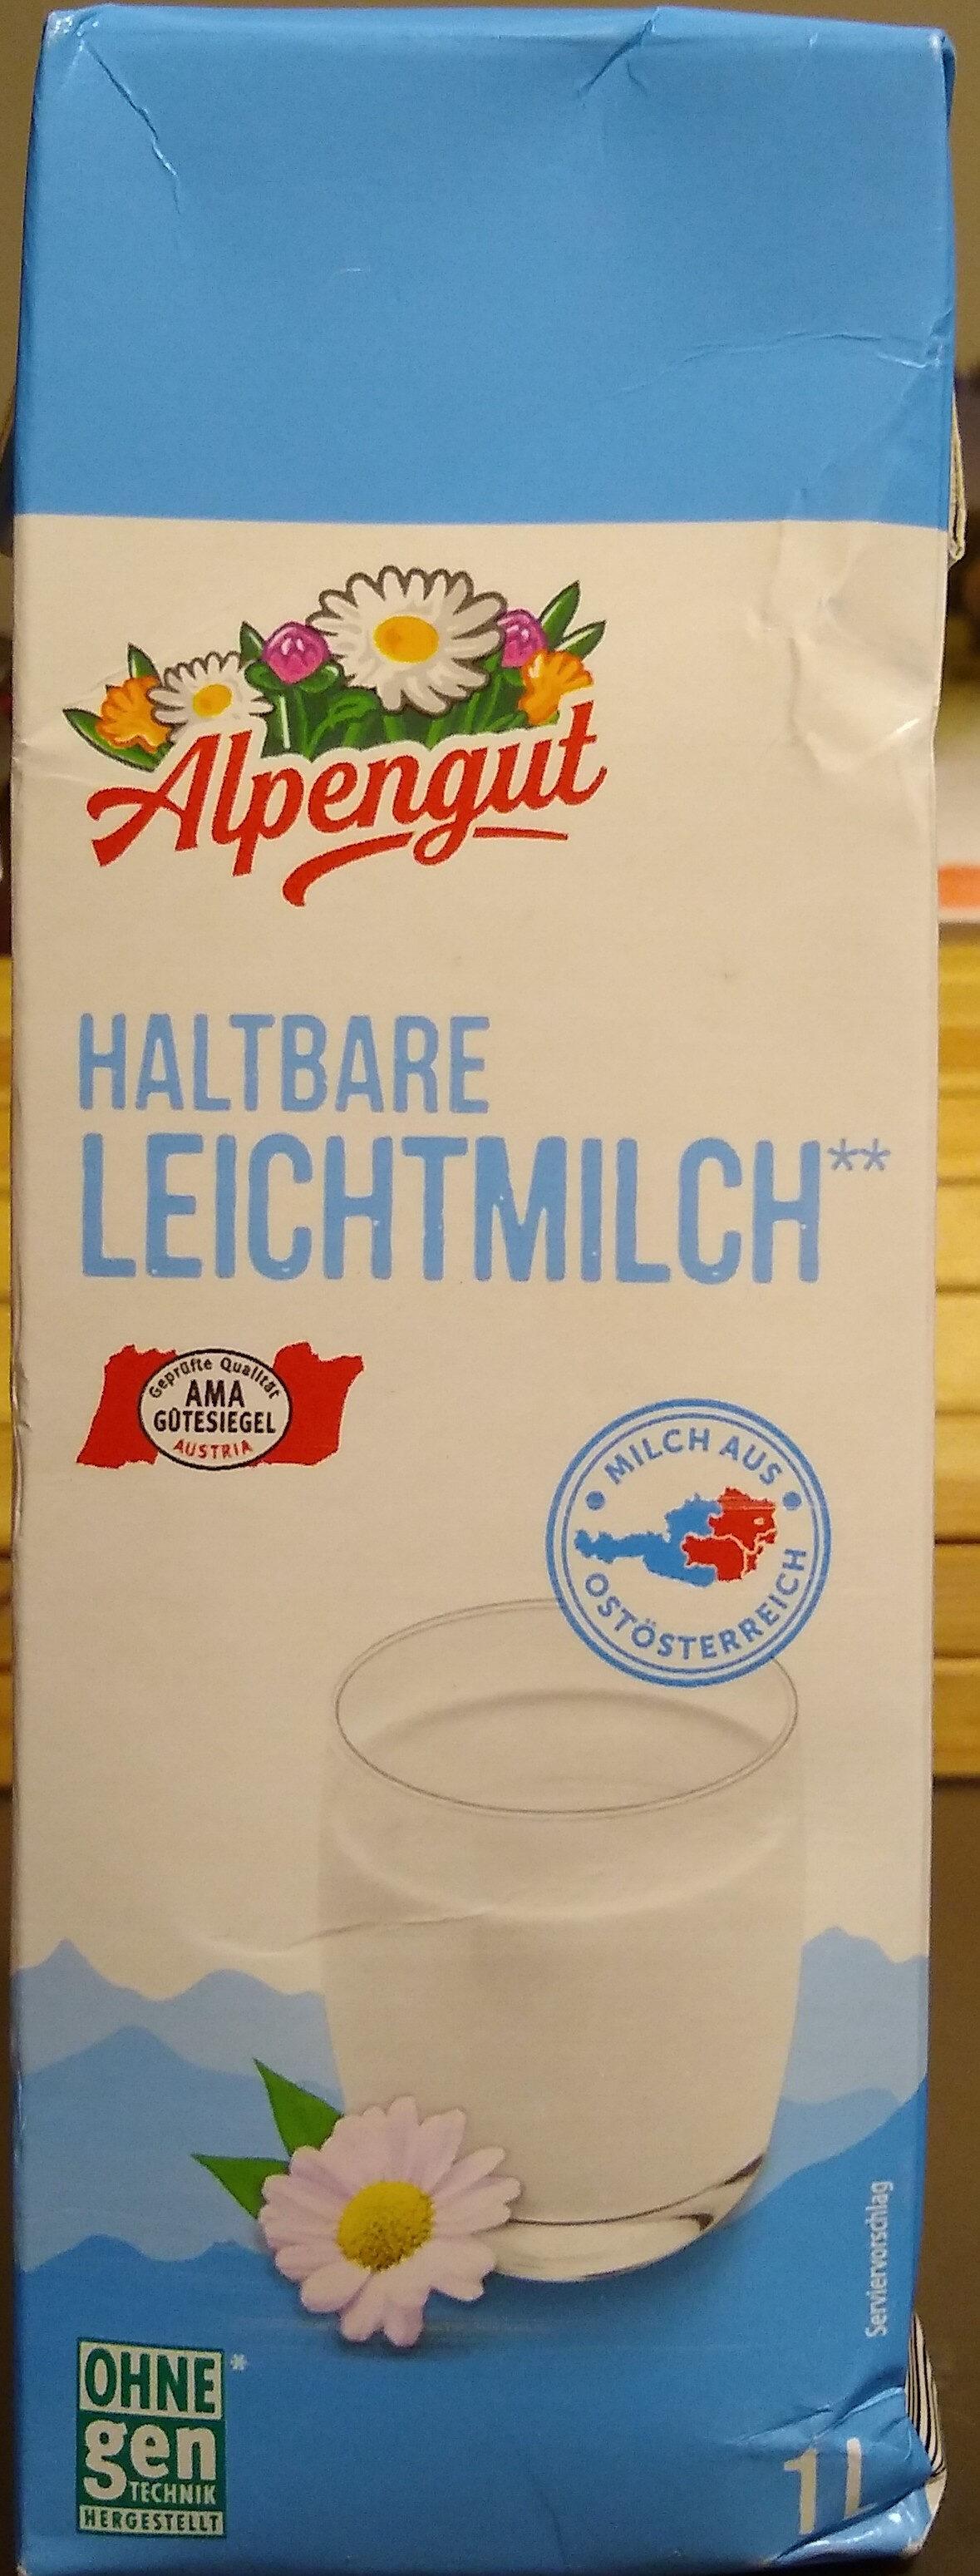 Haltbare Leichtmilch - Product - de